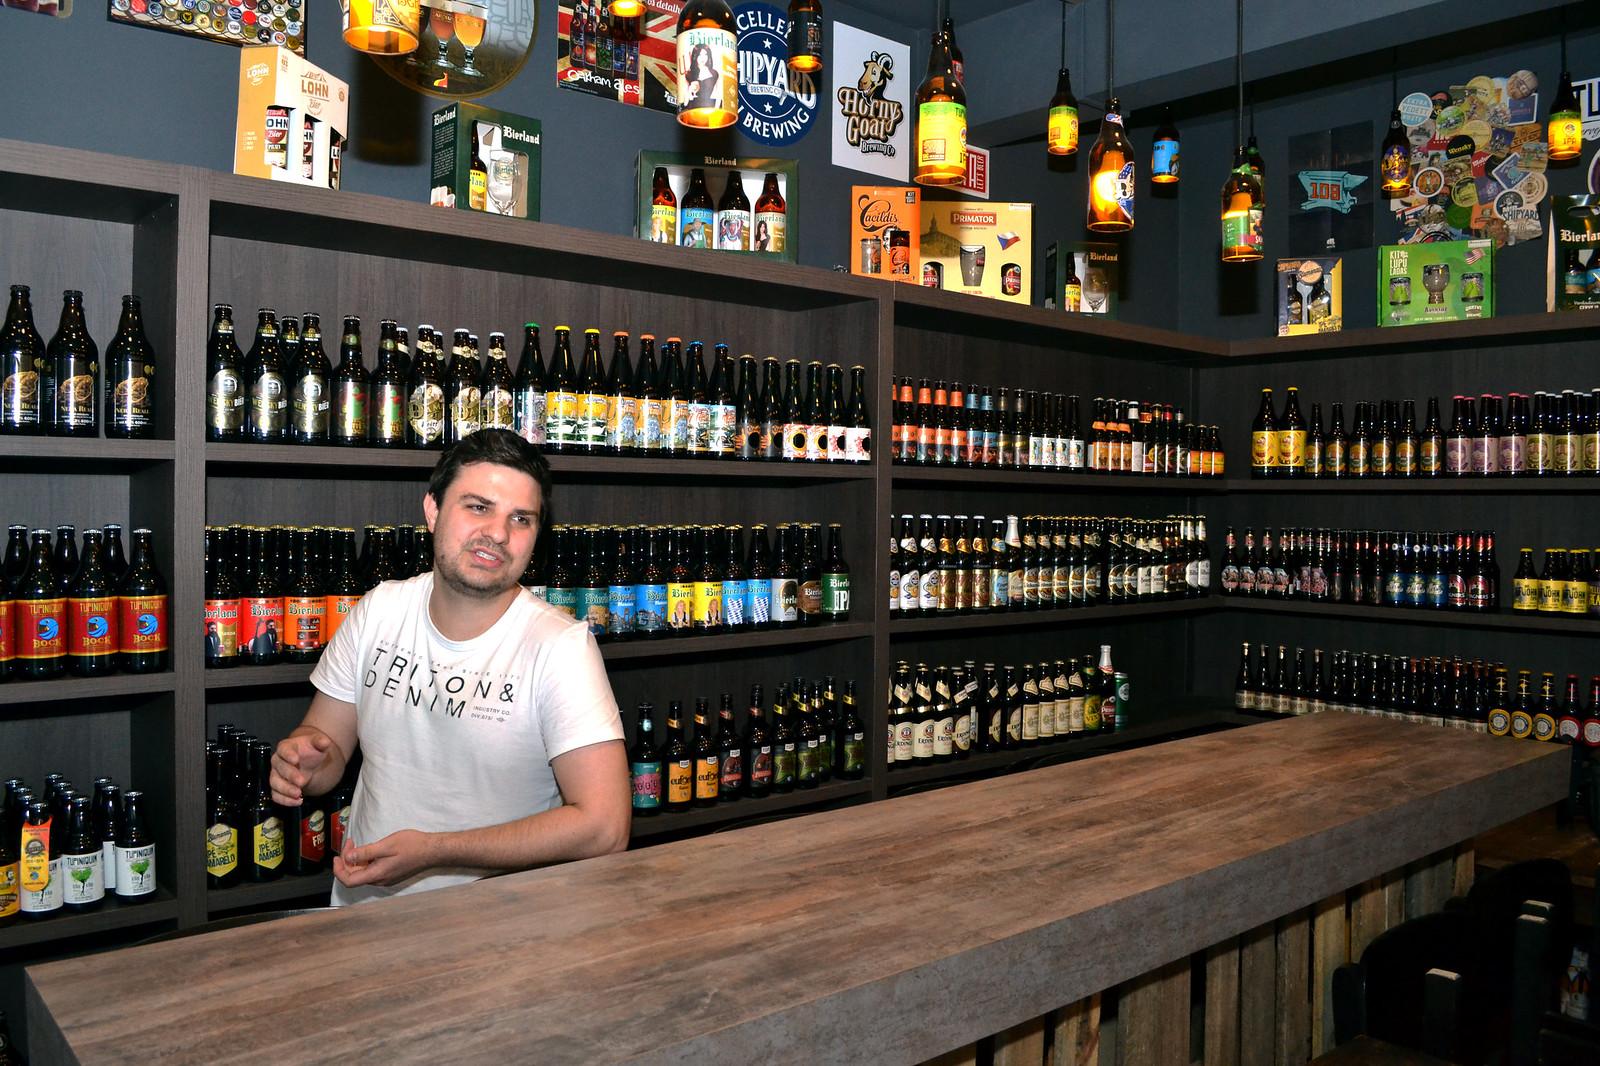 6e445da91 Busca pela qualidade impulsiona indústria cervejeira de SC ...